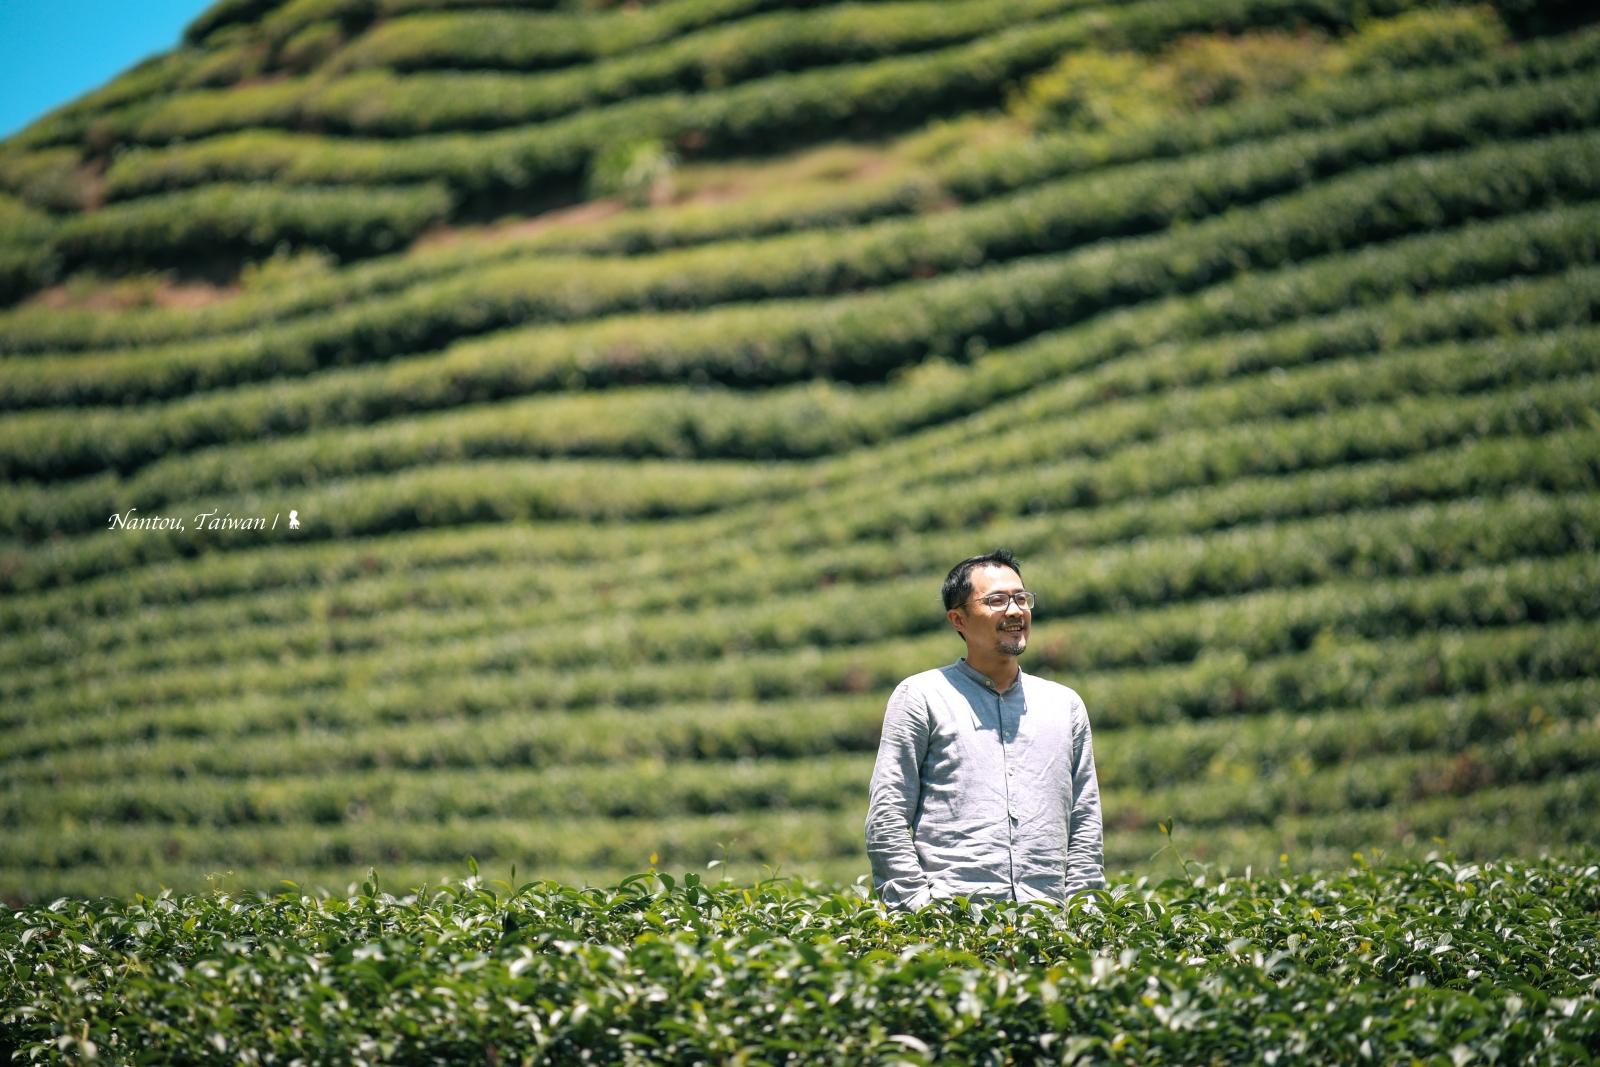 竹林茶海,美哉直擊深藏南投的電視廣告拍攝秘境